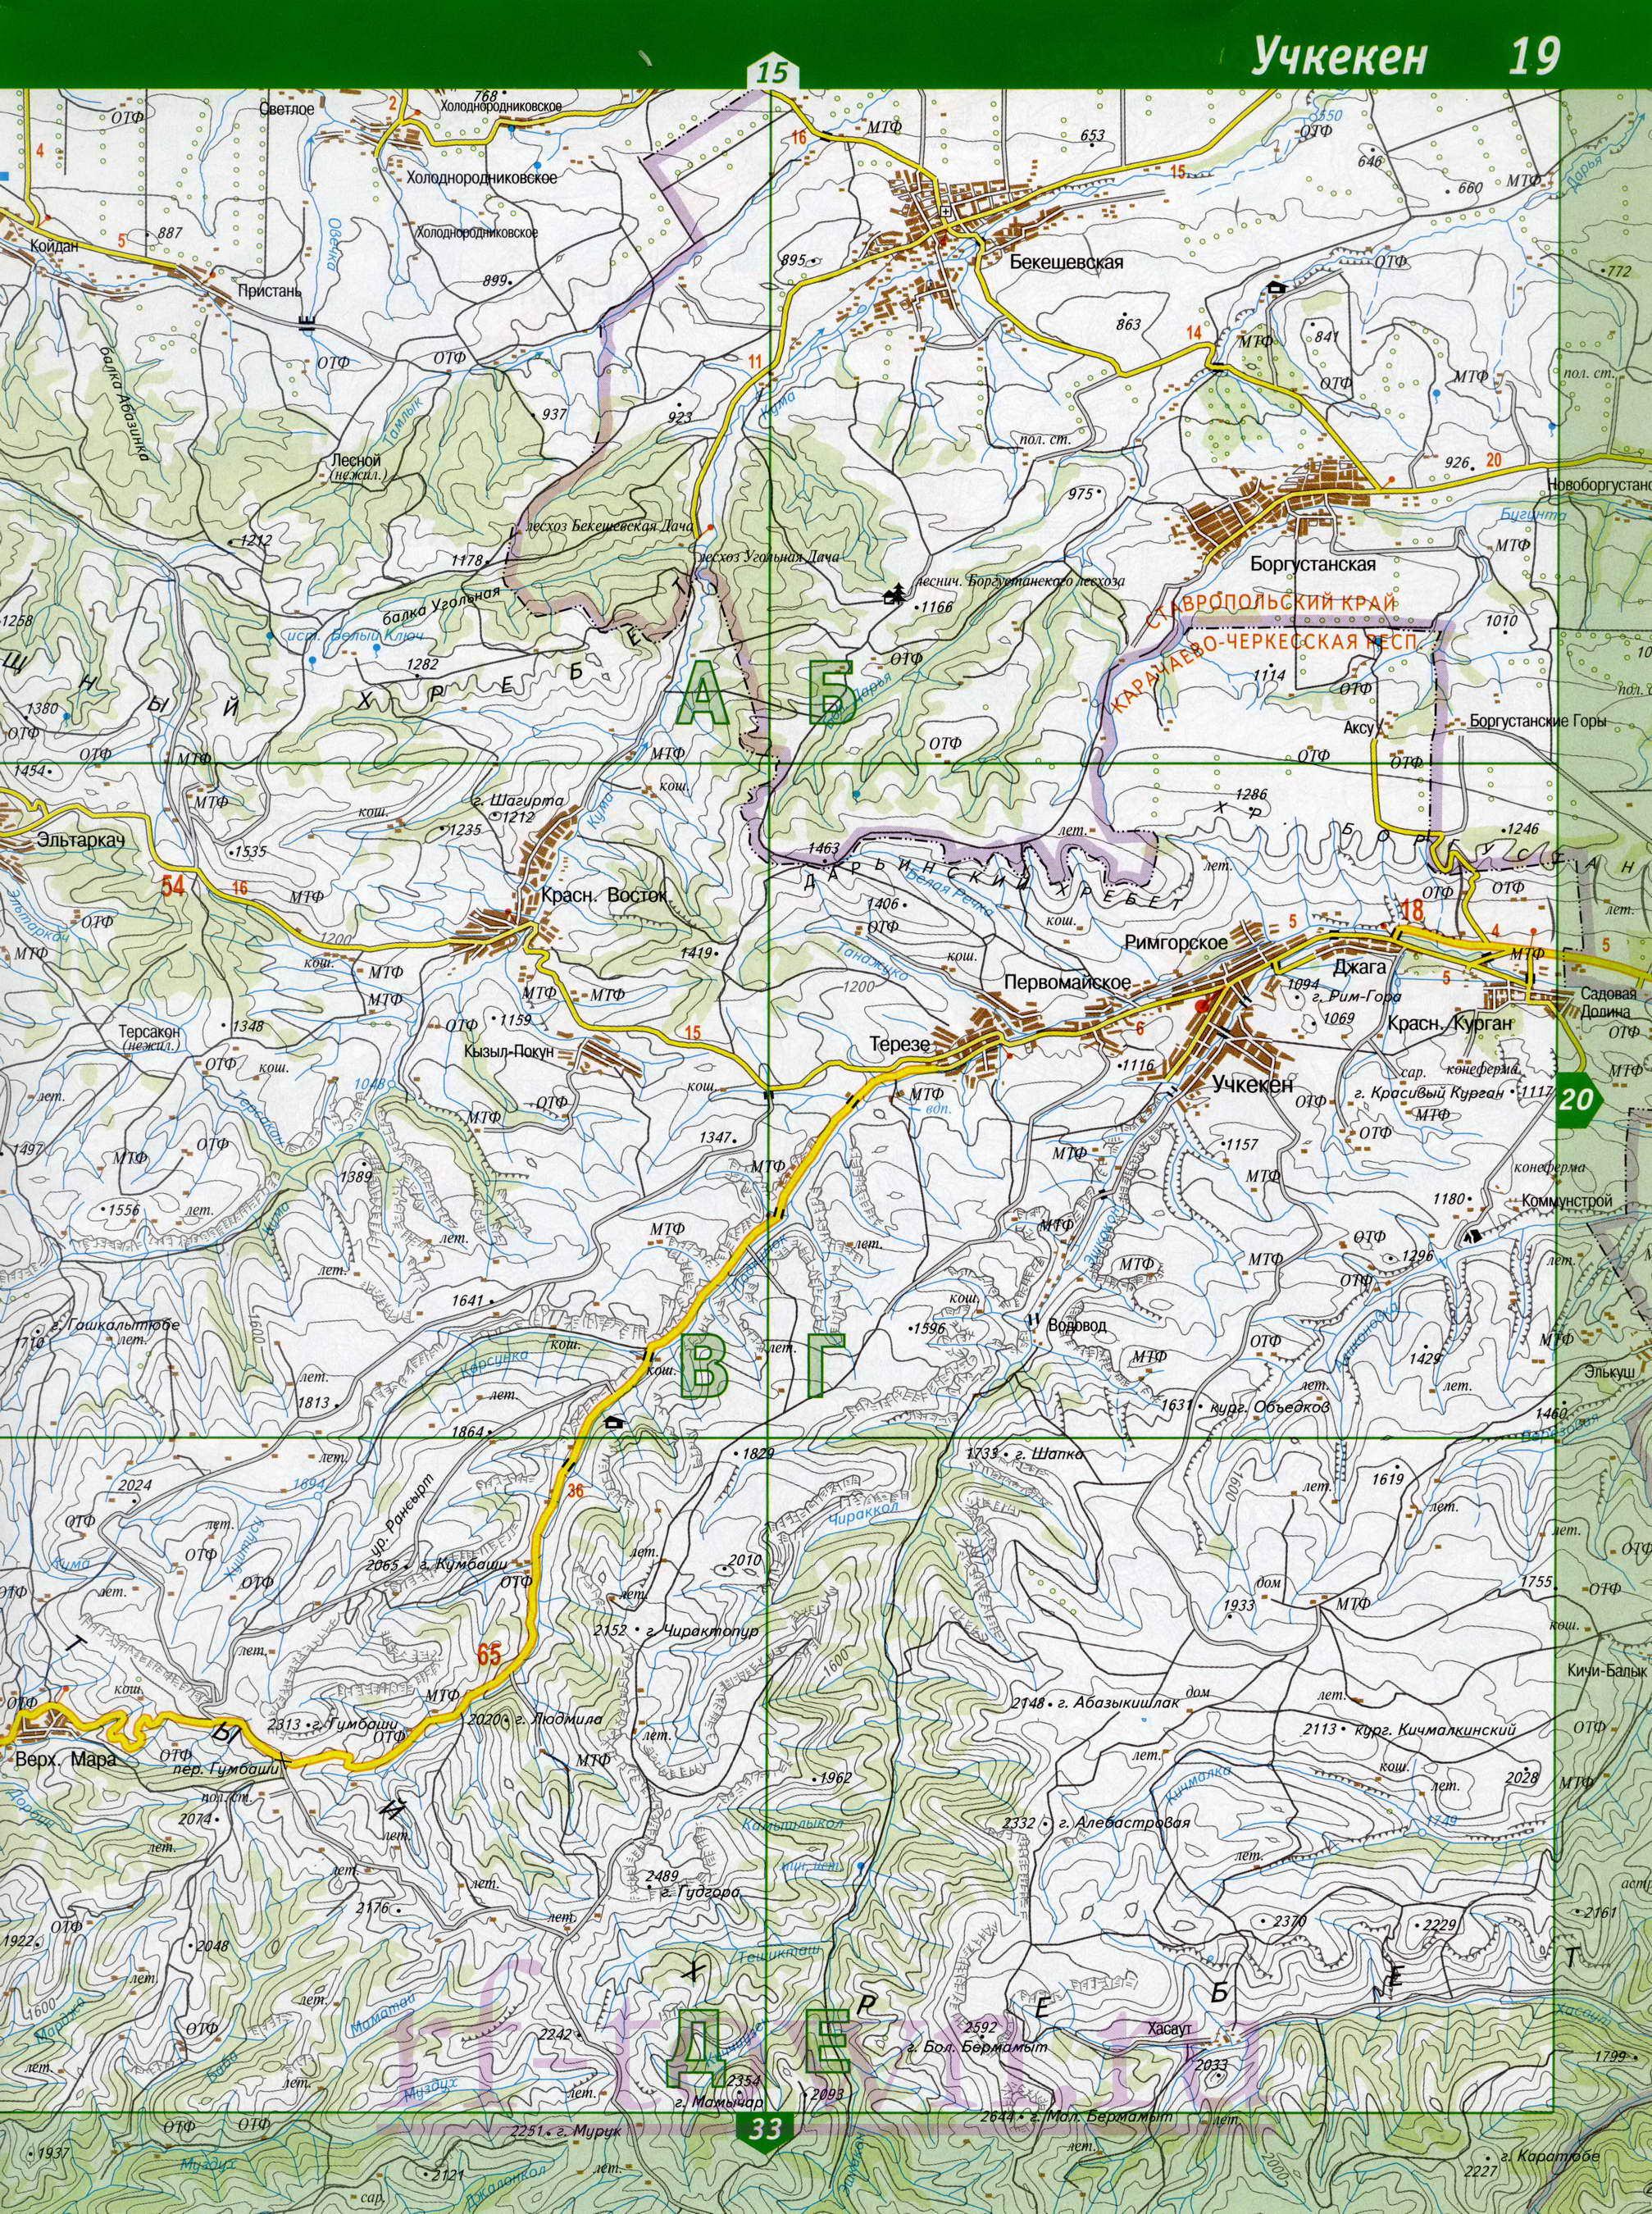 Скачать бесплатно подробные топографические карты республик и областей